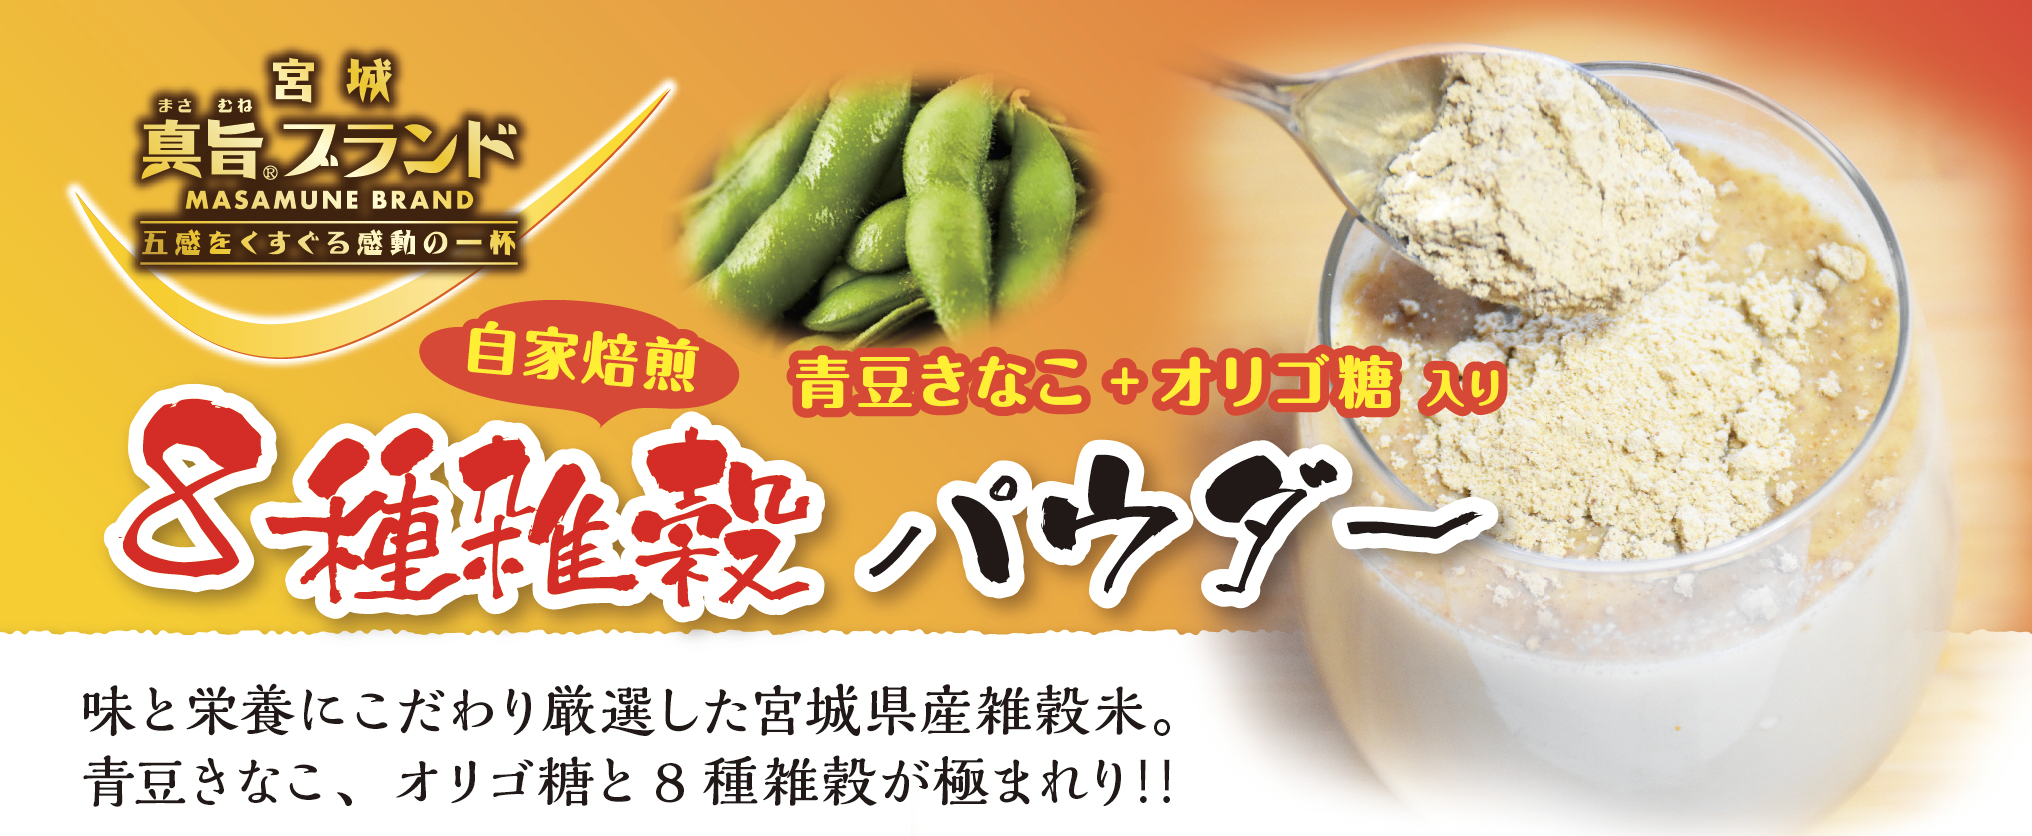 8種類雑穀パウダー